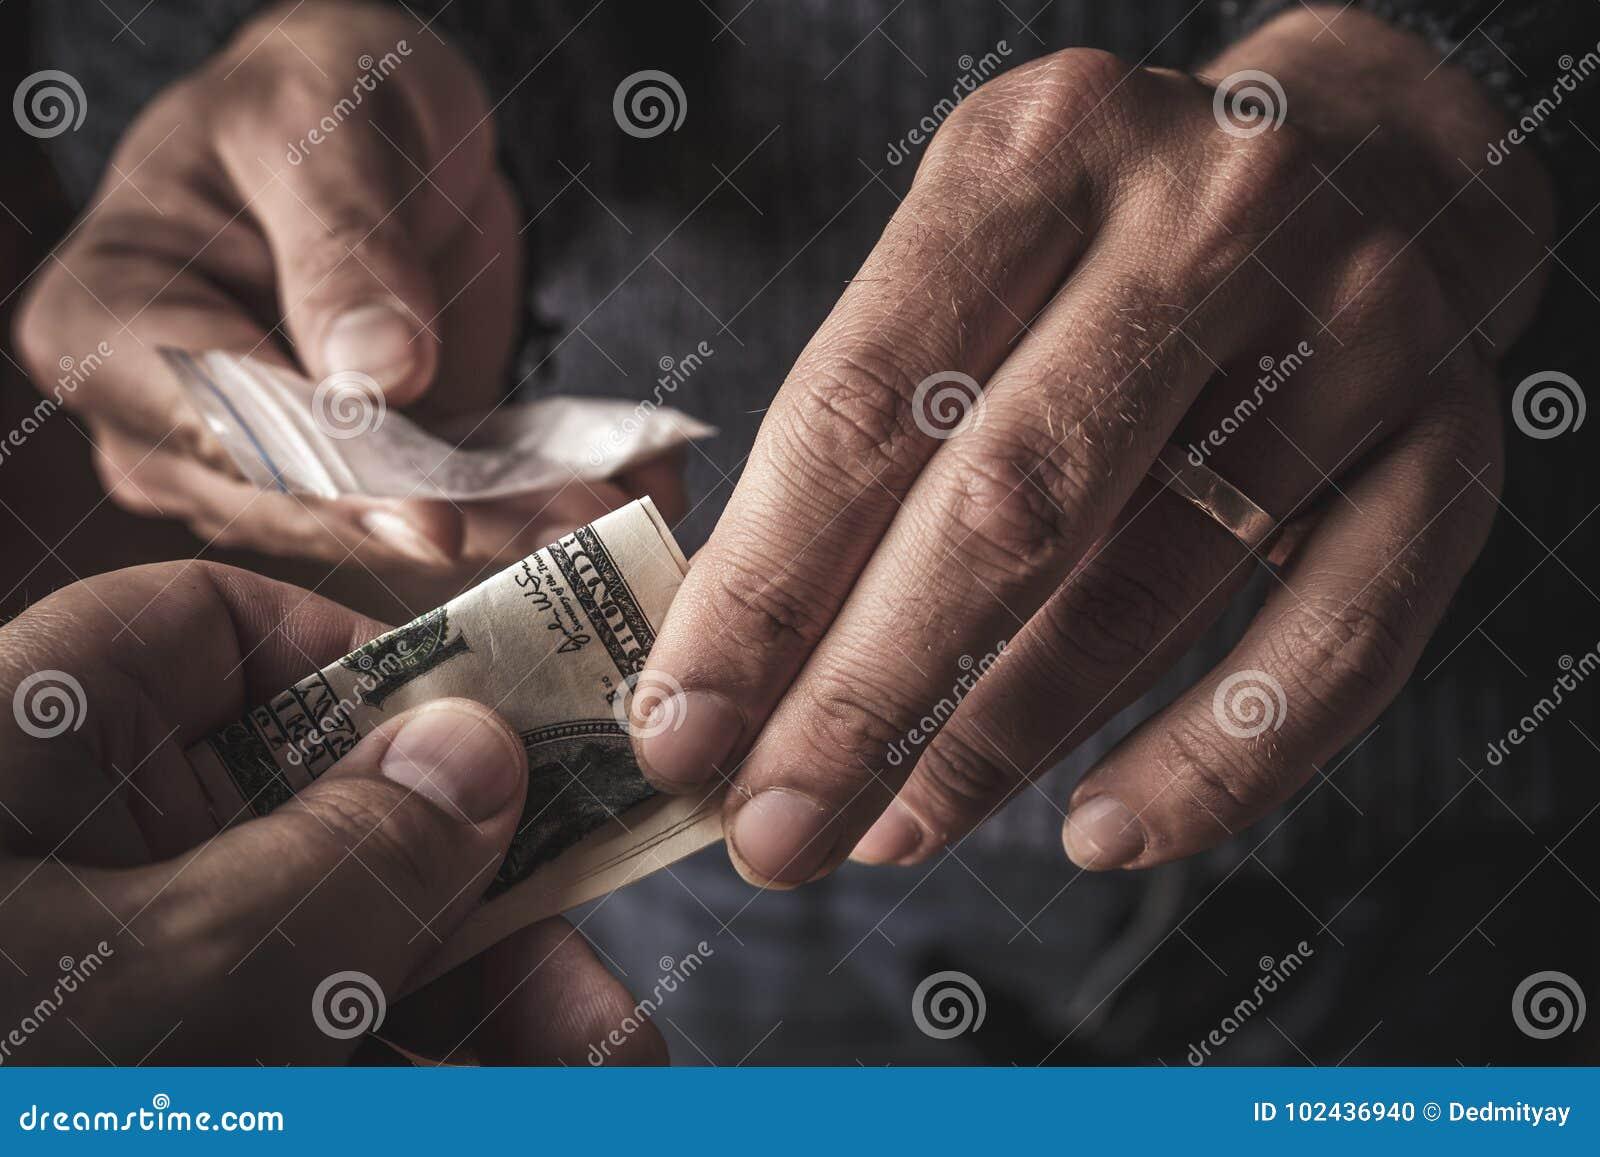 Hand av knarkaremannen med pengarköpandedosen av kokain eller hjältinnan eller ett annat narkotiskt preparat från knarklangare Dr